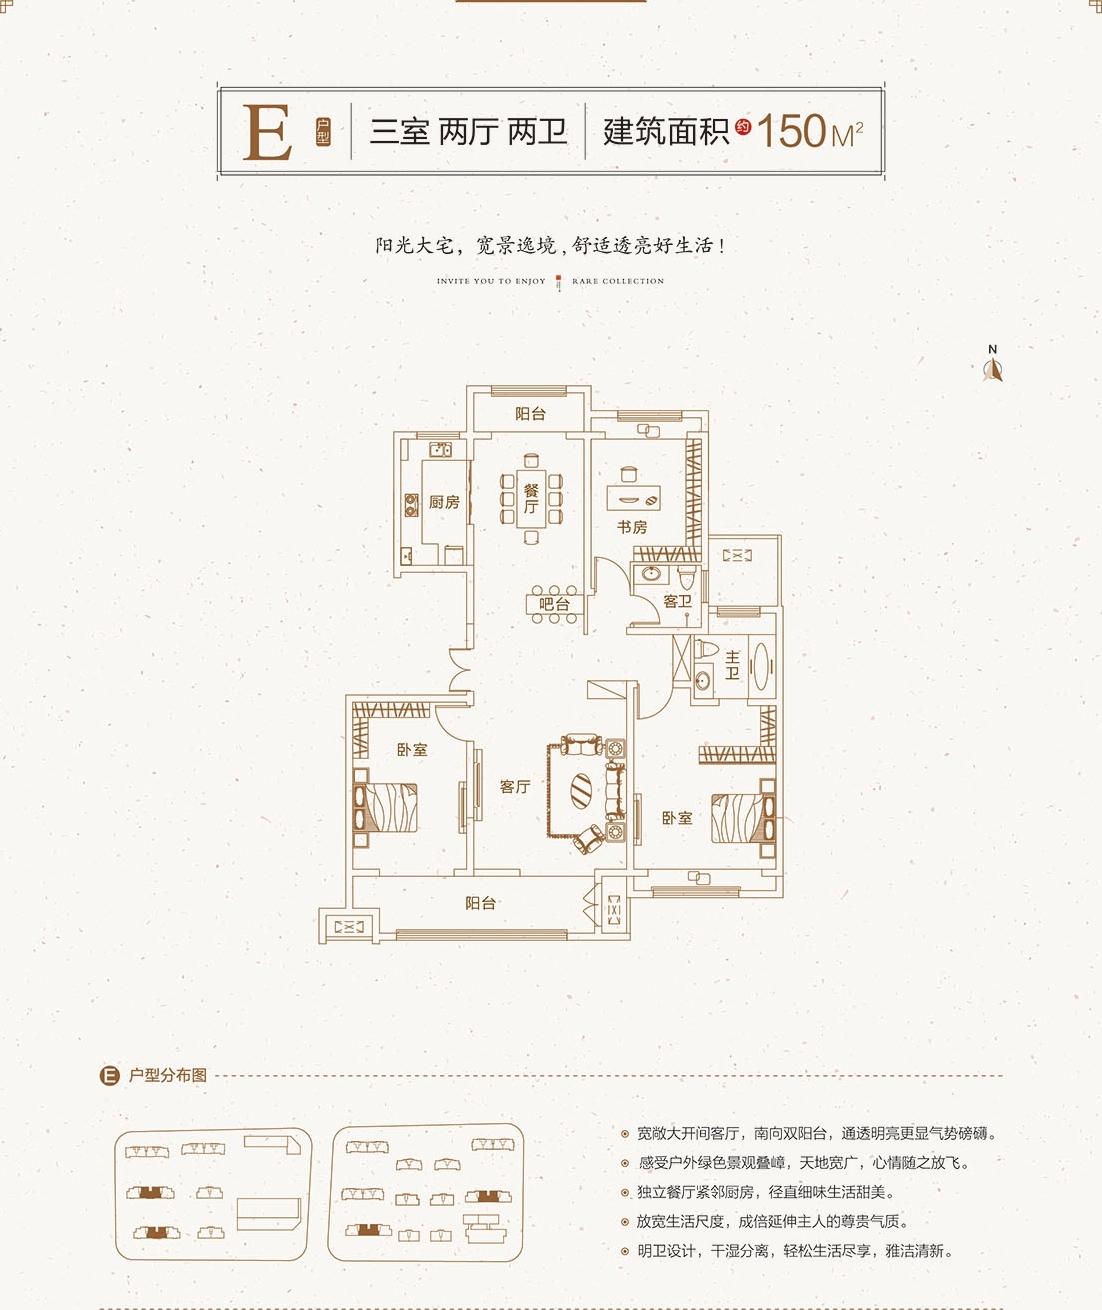 新盛上和园E户型150㎡三室两厅两卫